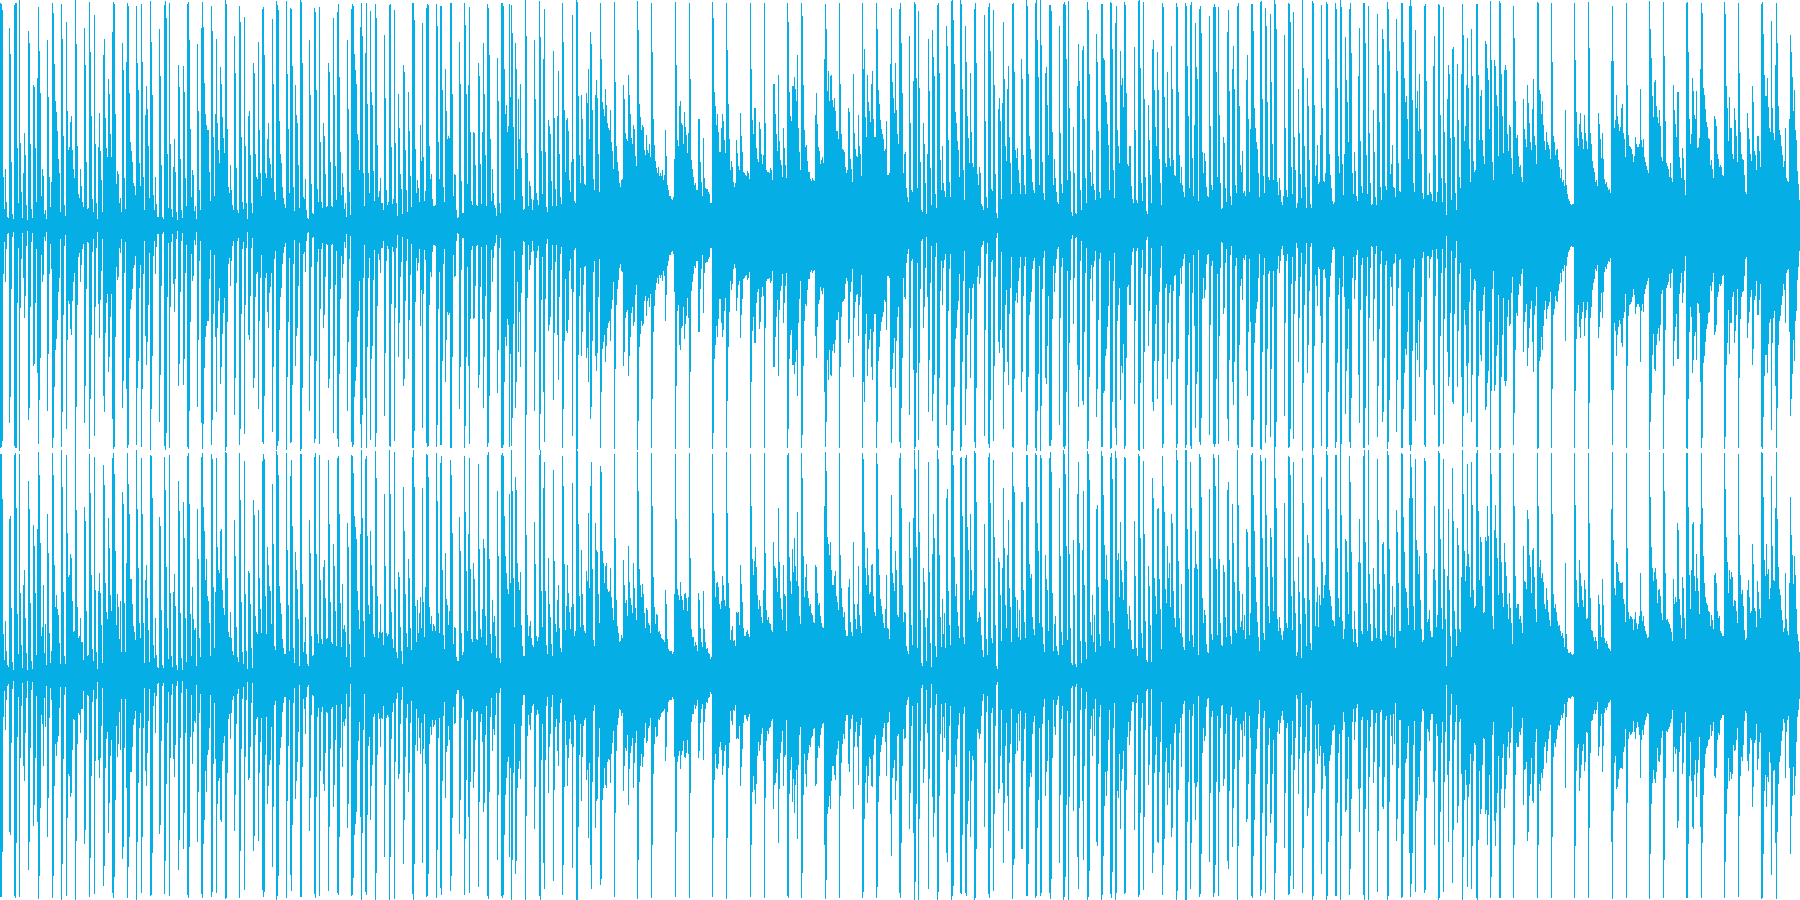 のどか11の再生済みの波形